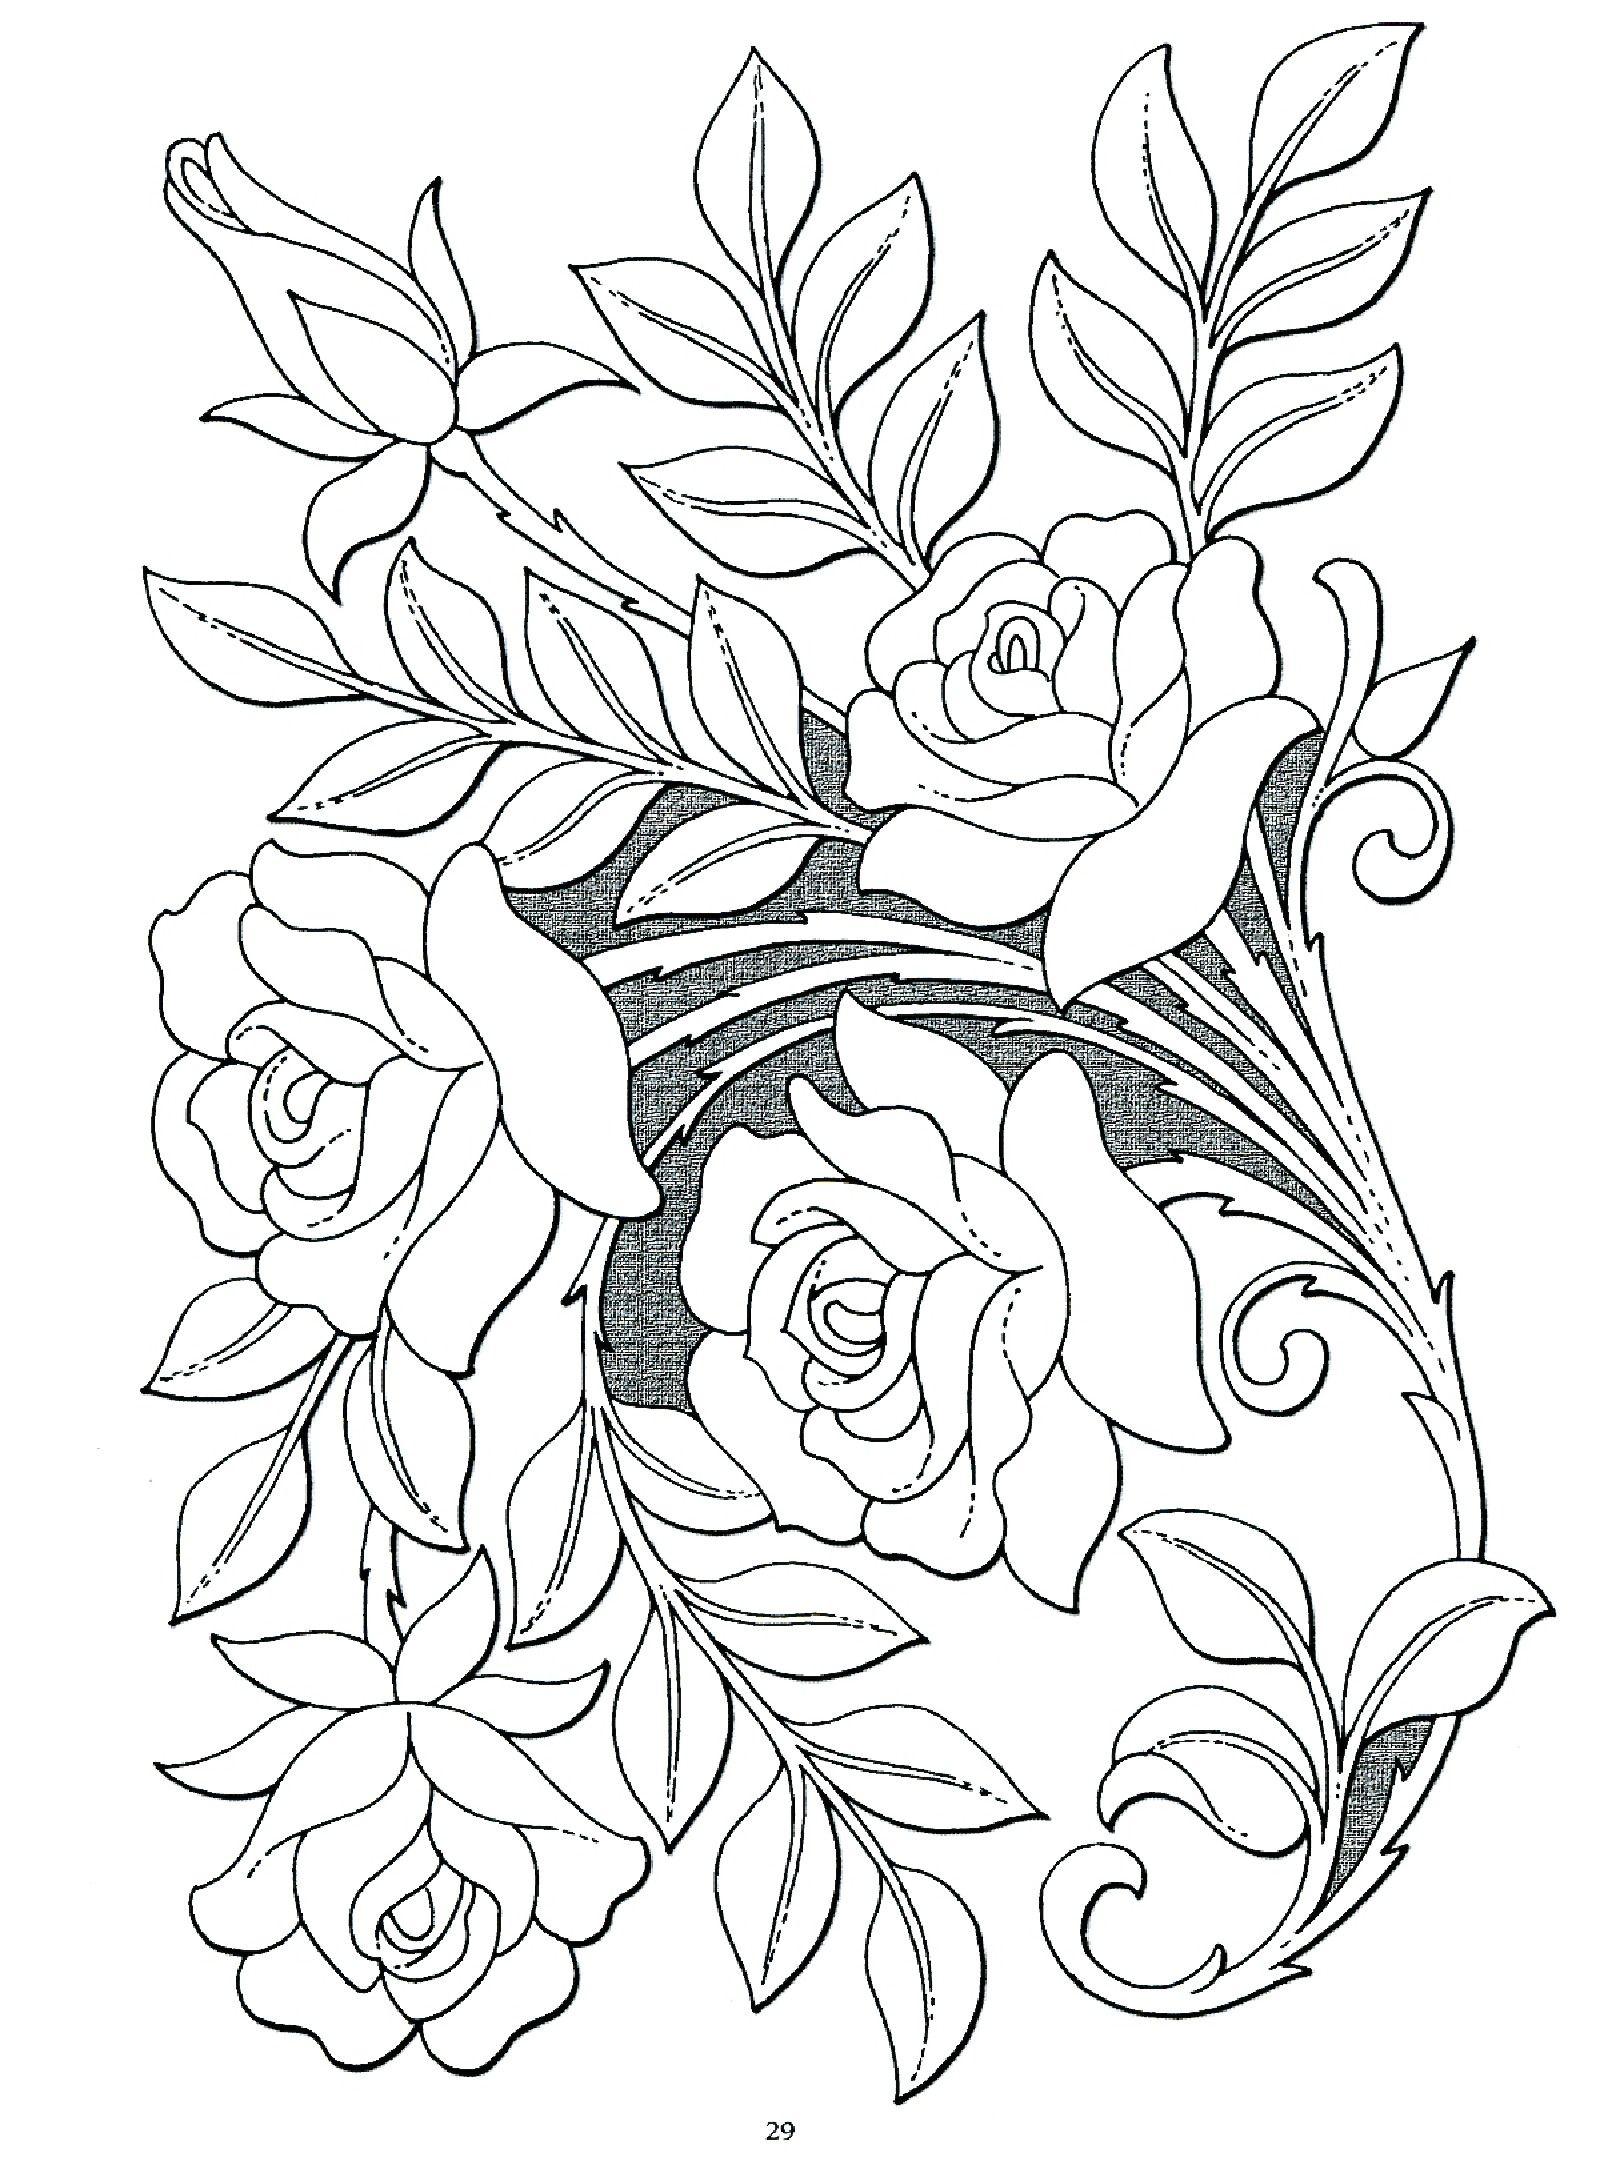 Pin de padmaja en hand print | Pinterest | Bordado, Rosas y Dibujo